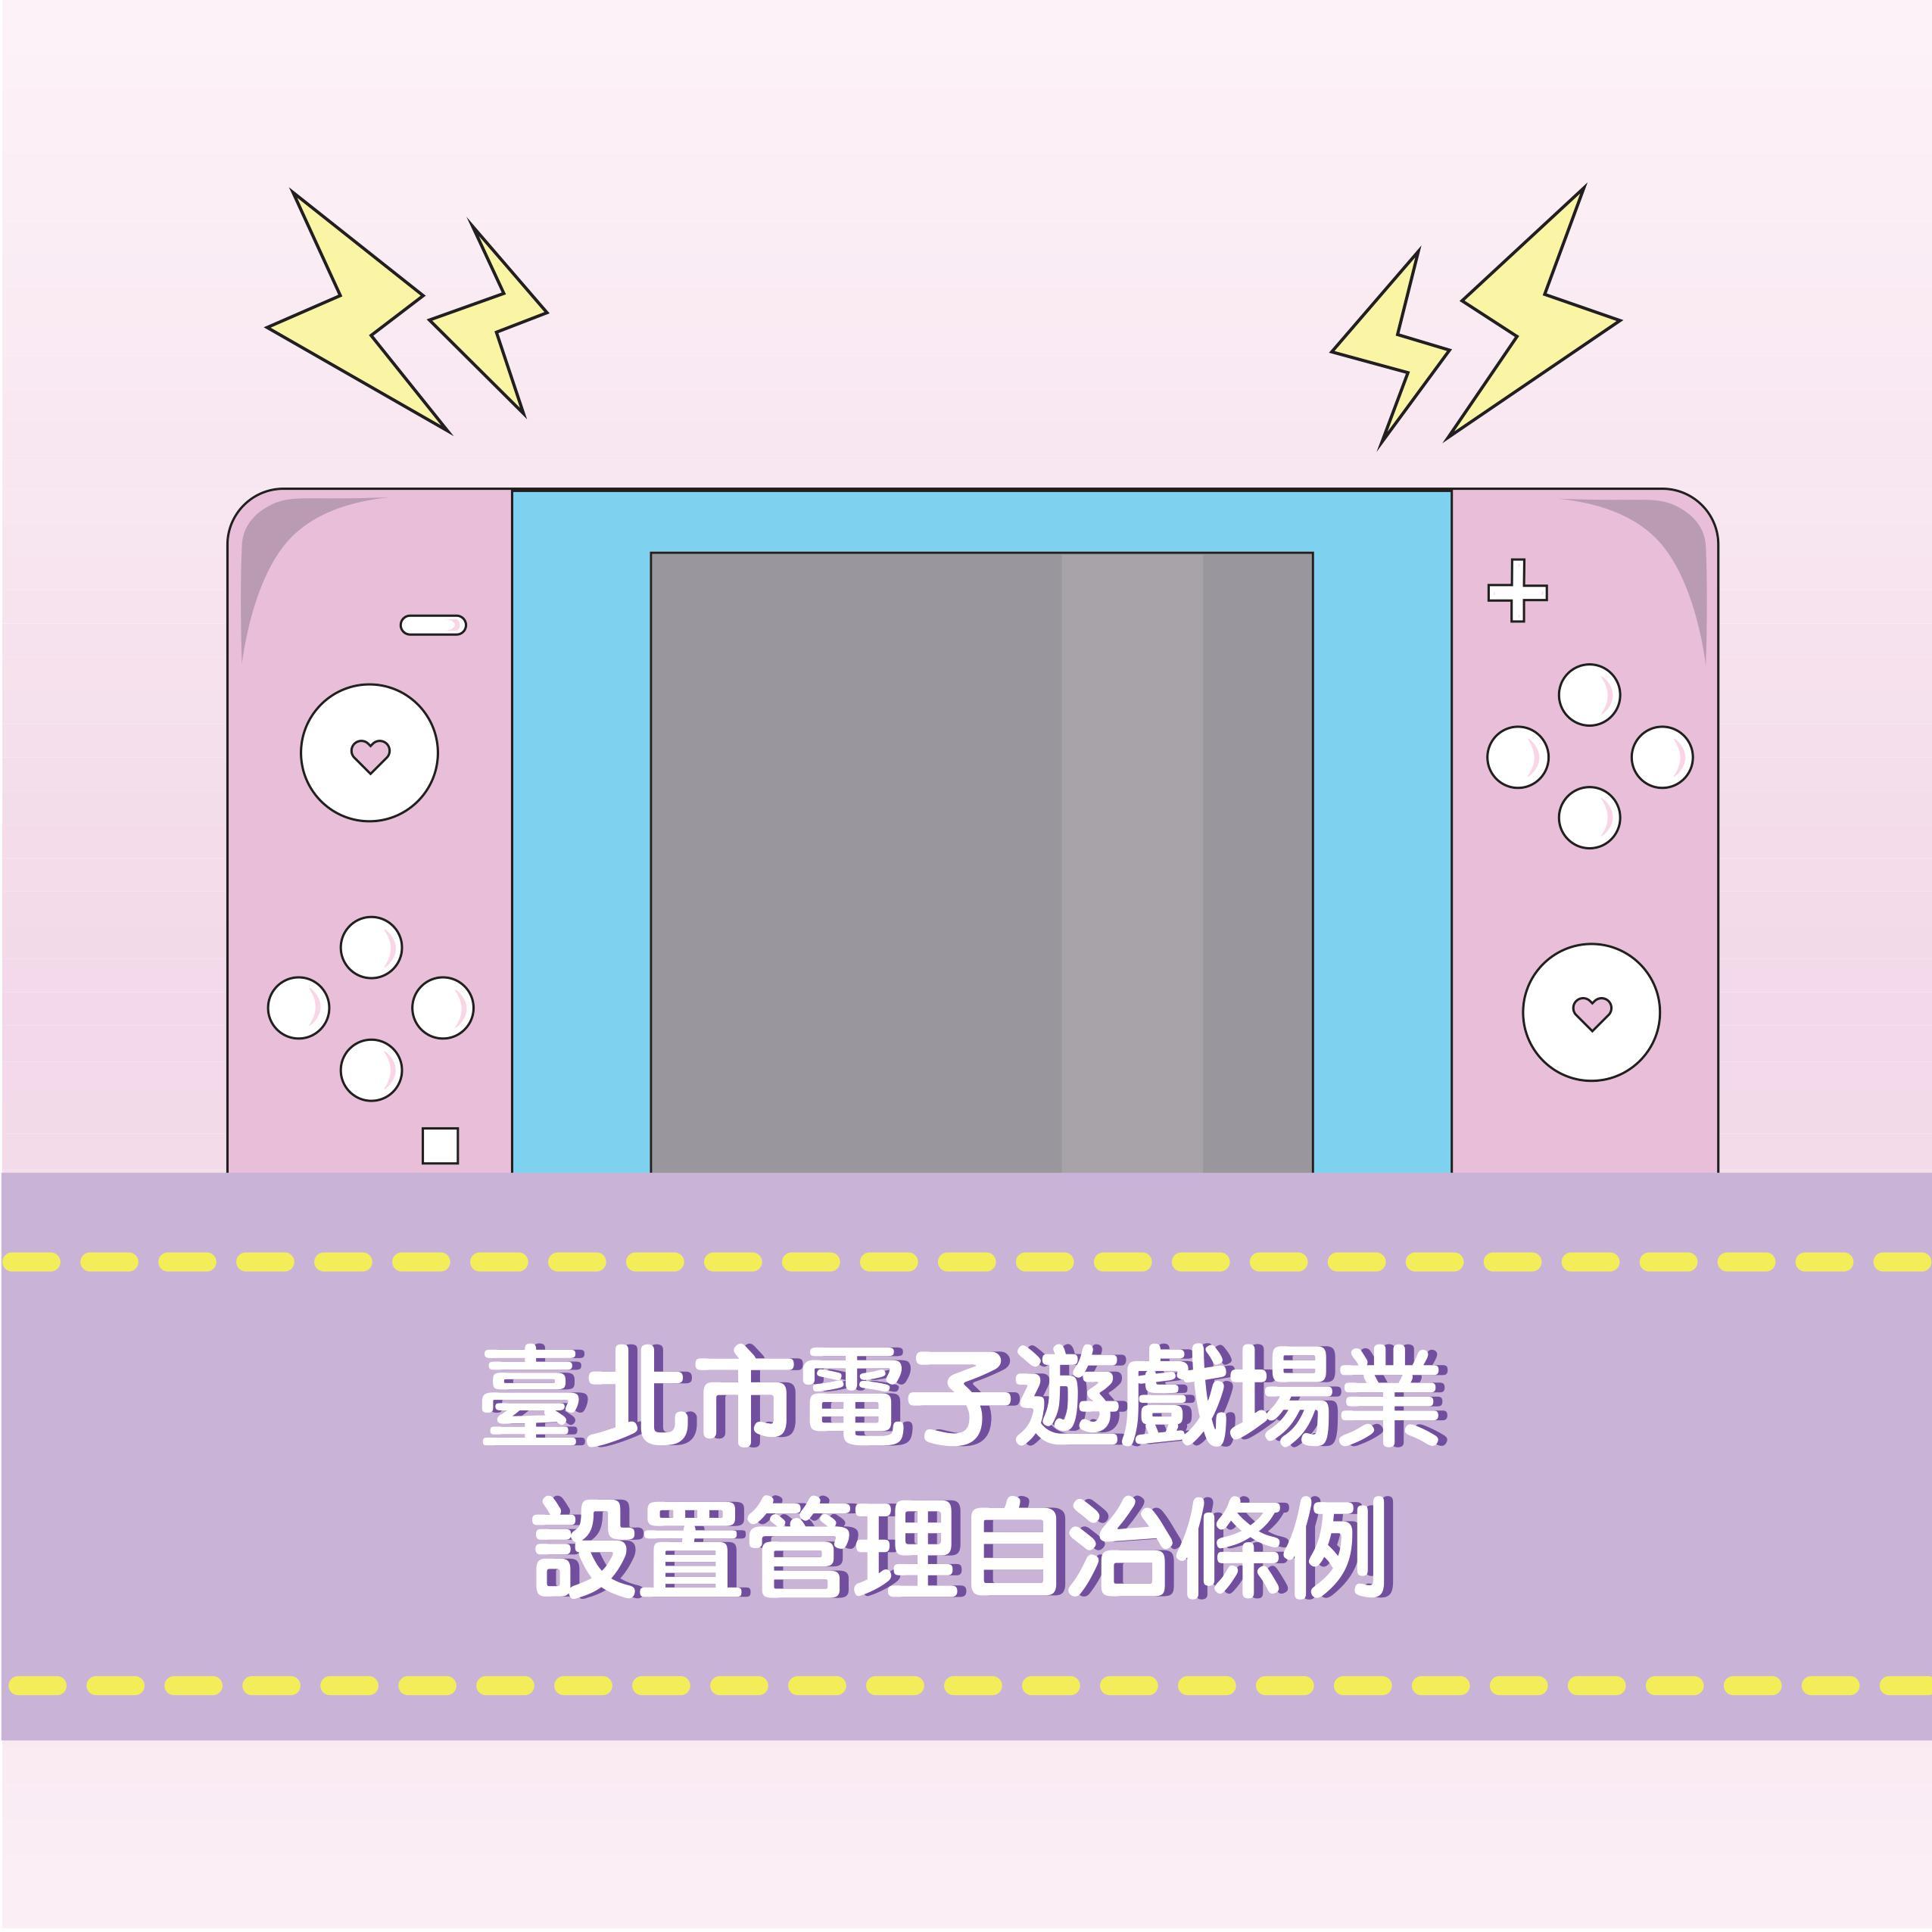 臺北市電子遊戲場業設置管理自治條例連結